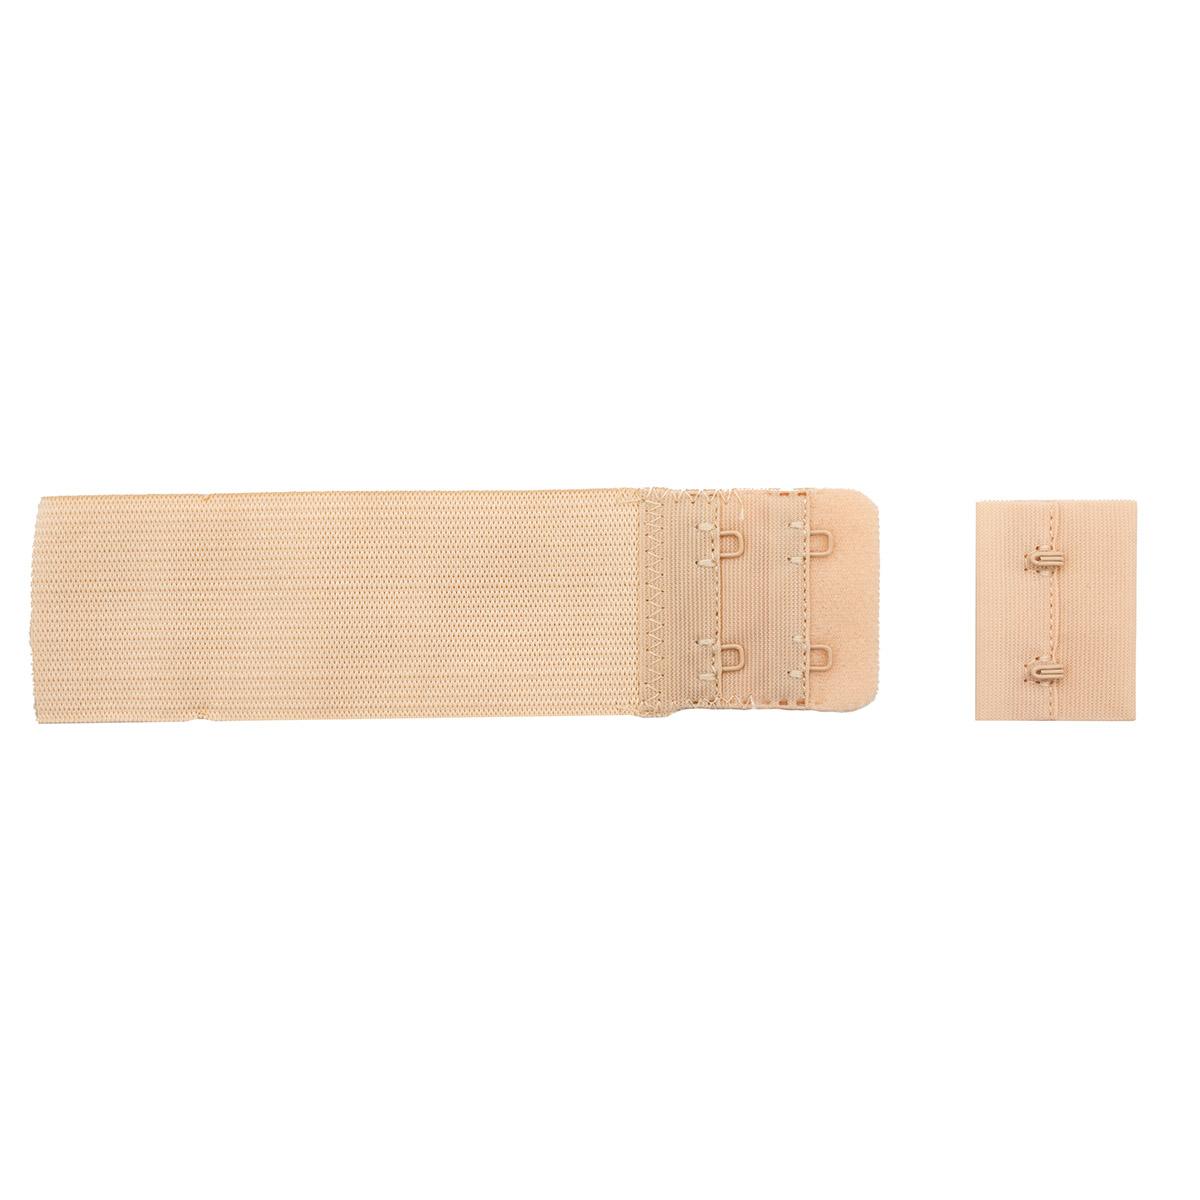 Застежка для бюстгальтера 38мм, 2 крючка, 1 шт., телесный 852103, Hobby&Pro